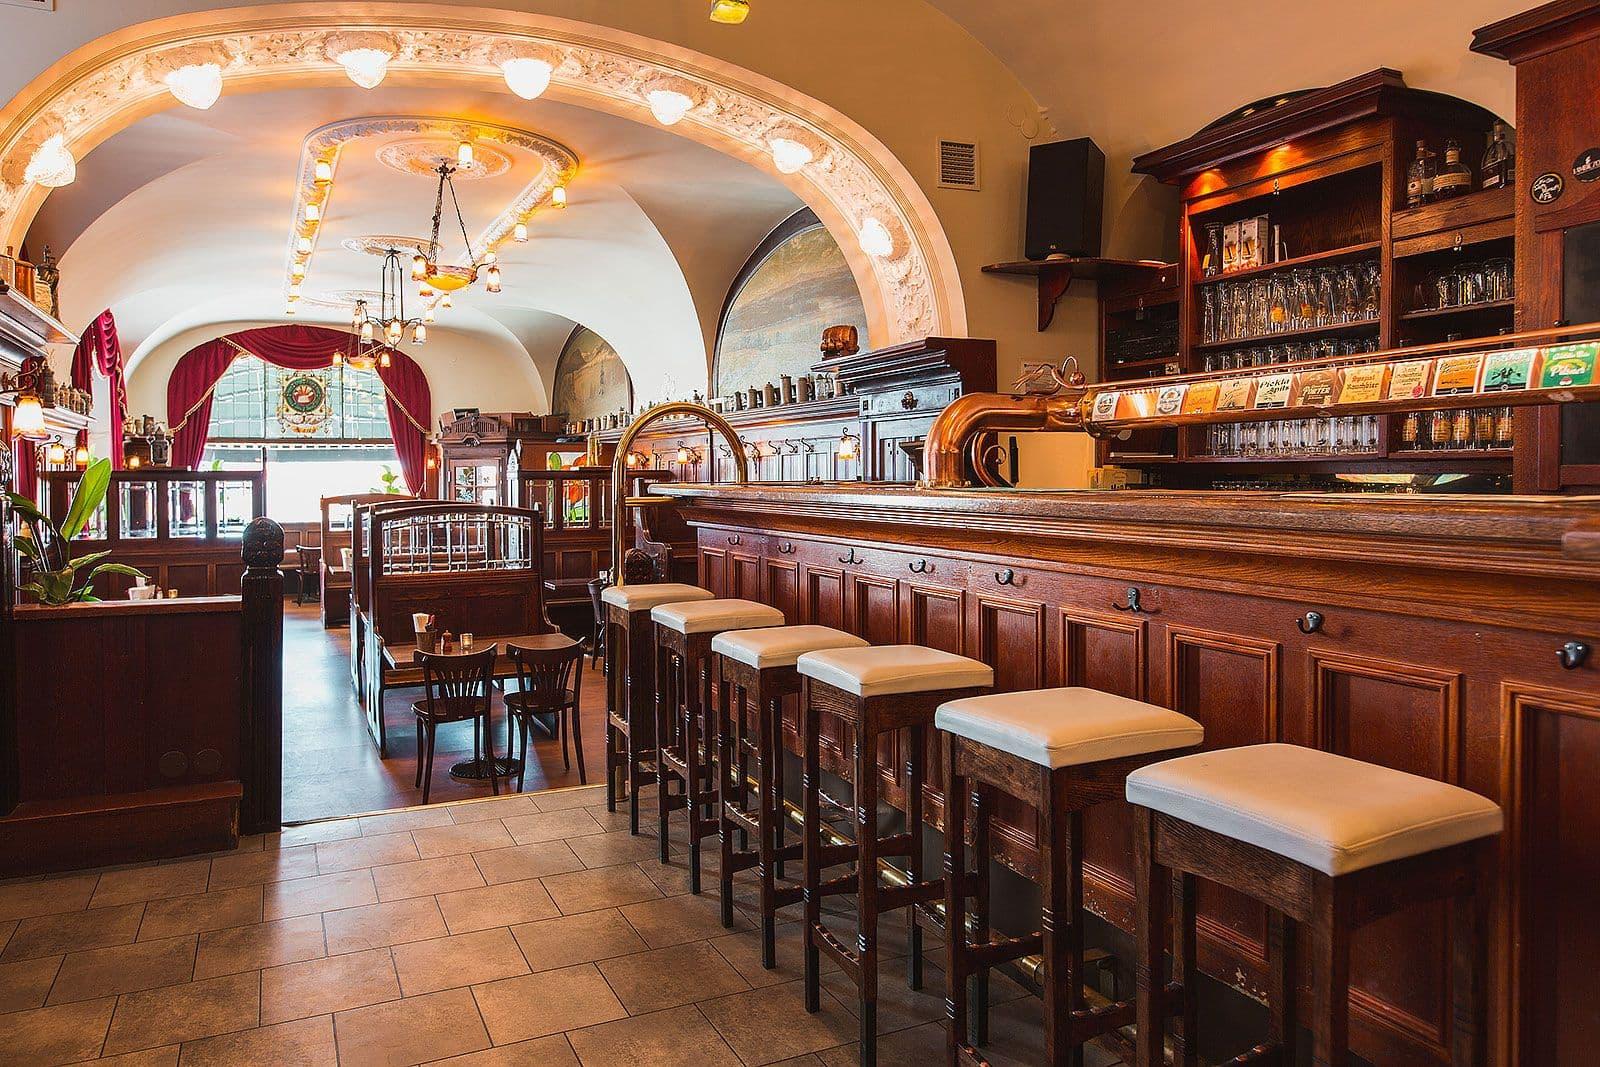 tysk restaurang stockholm